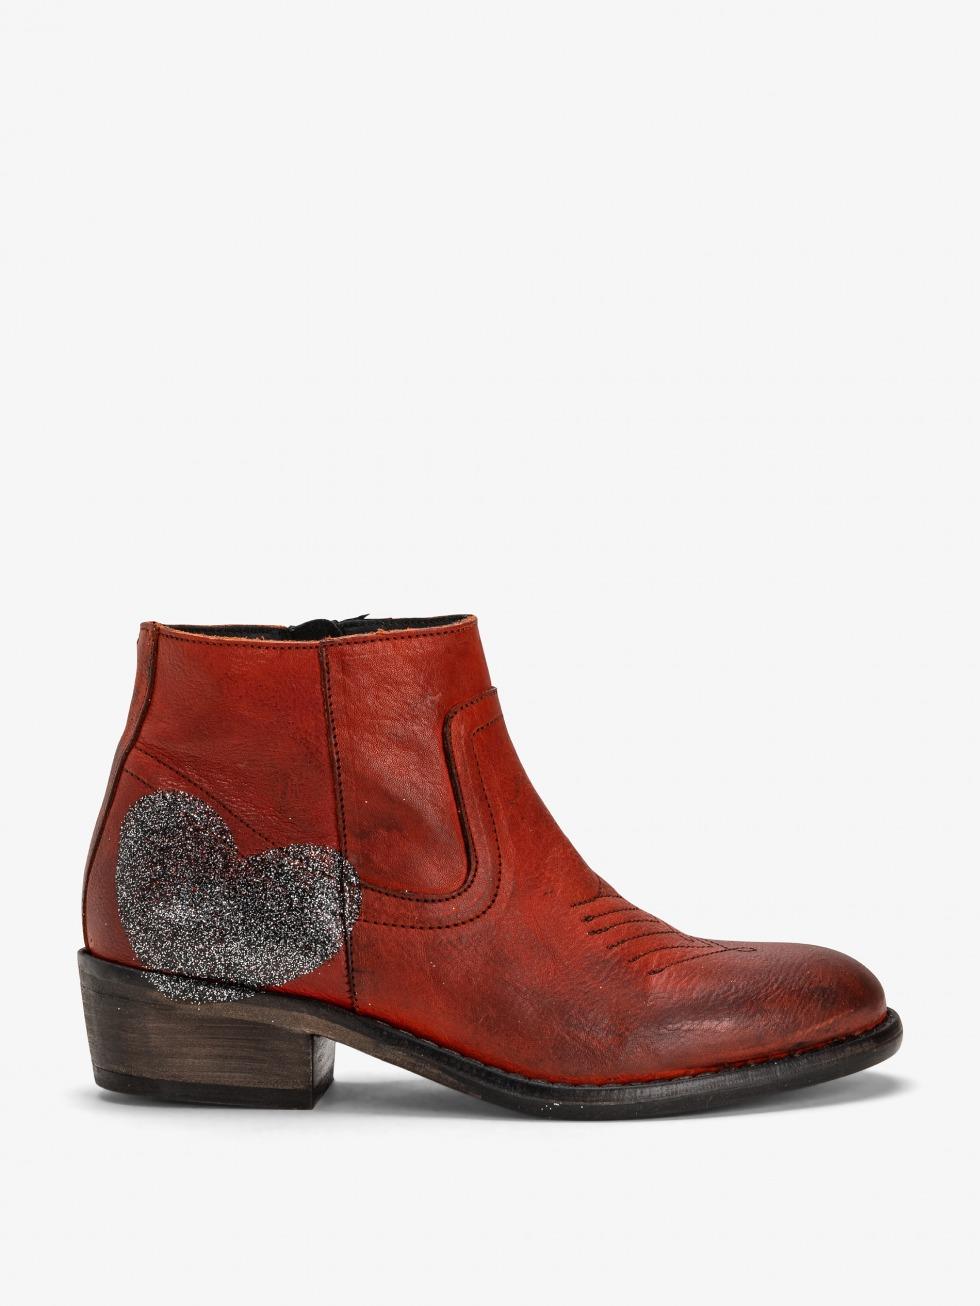 Mojito Boots Sparkle Rust - Heart